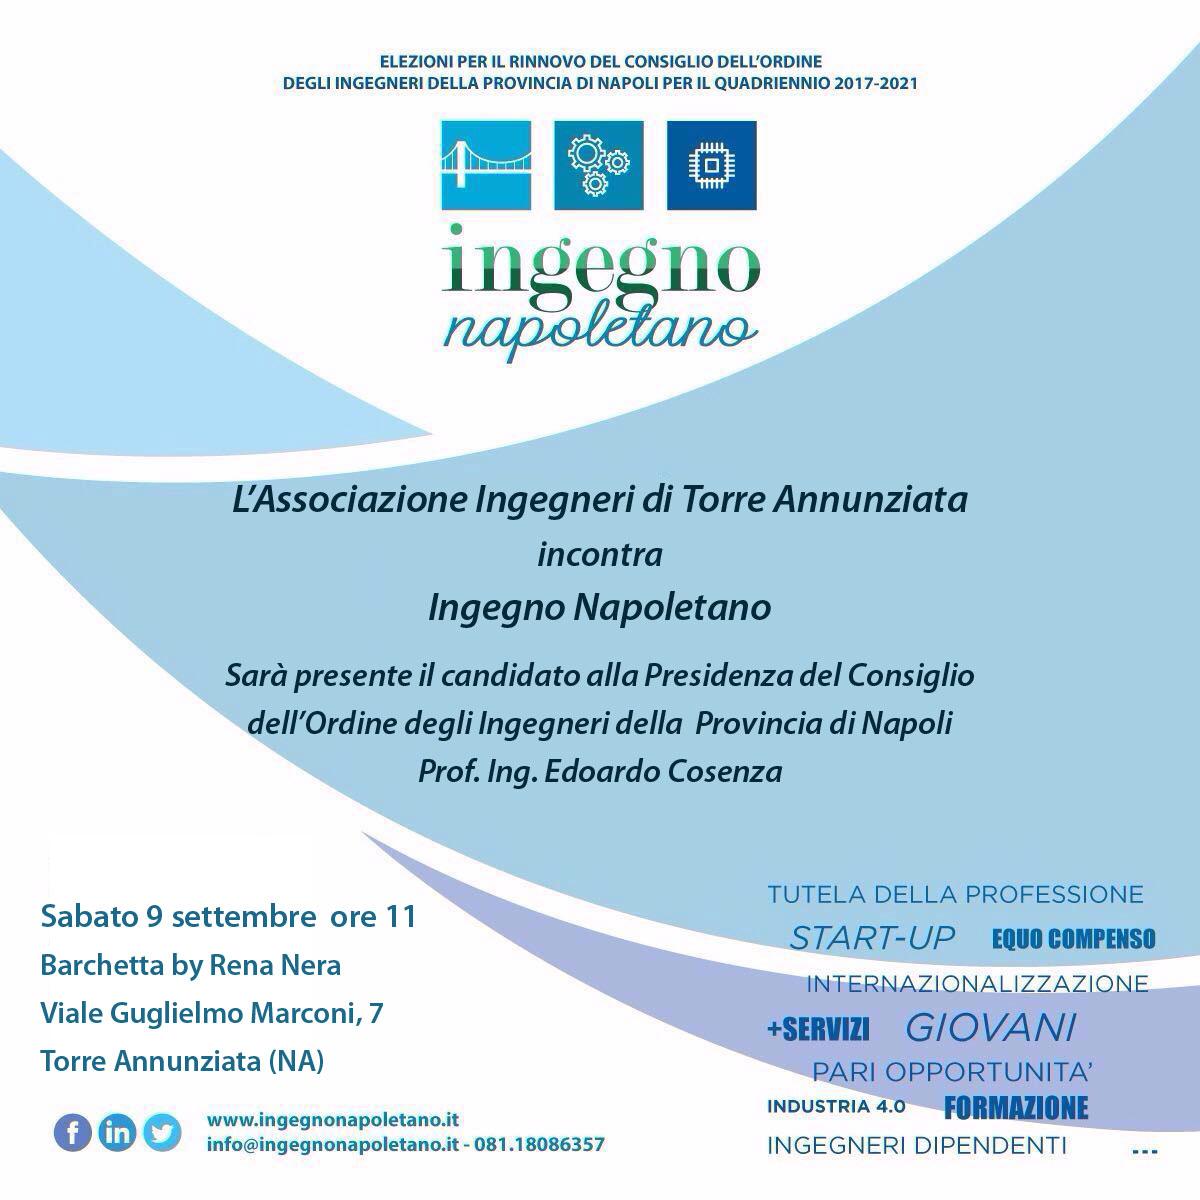 Incontro con i candidati di Ingegno Napoletano